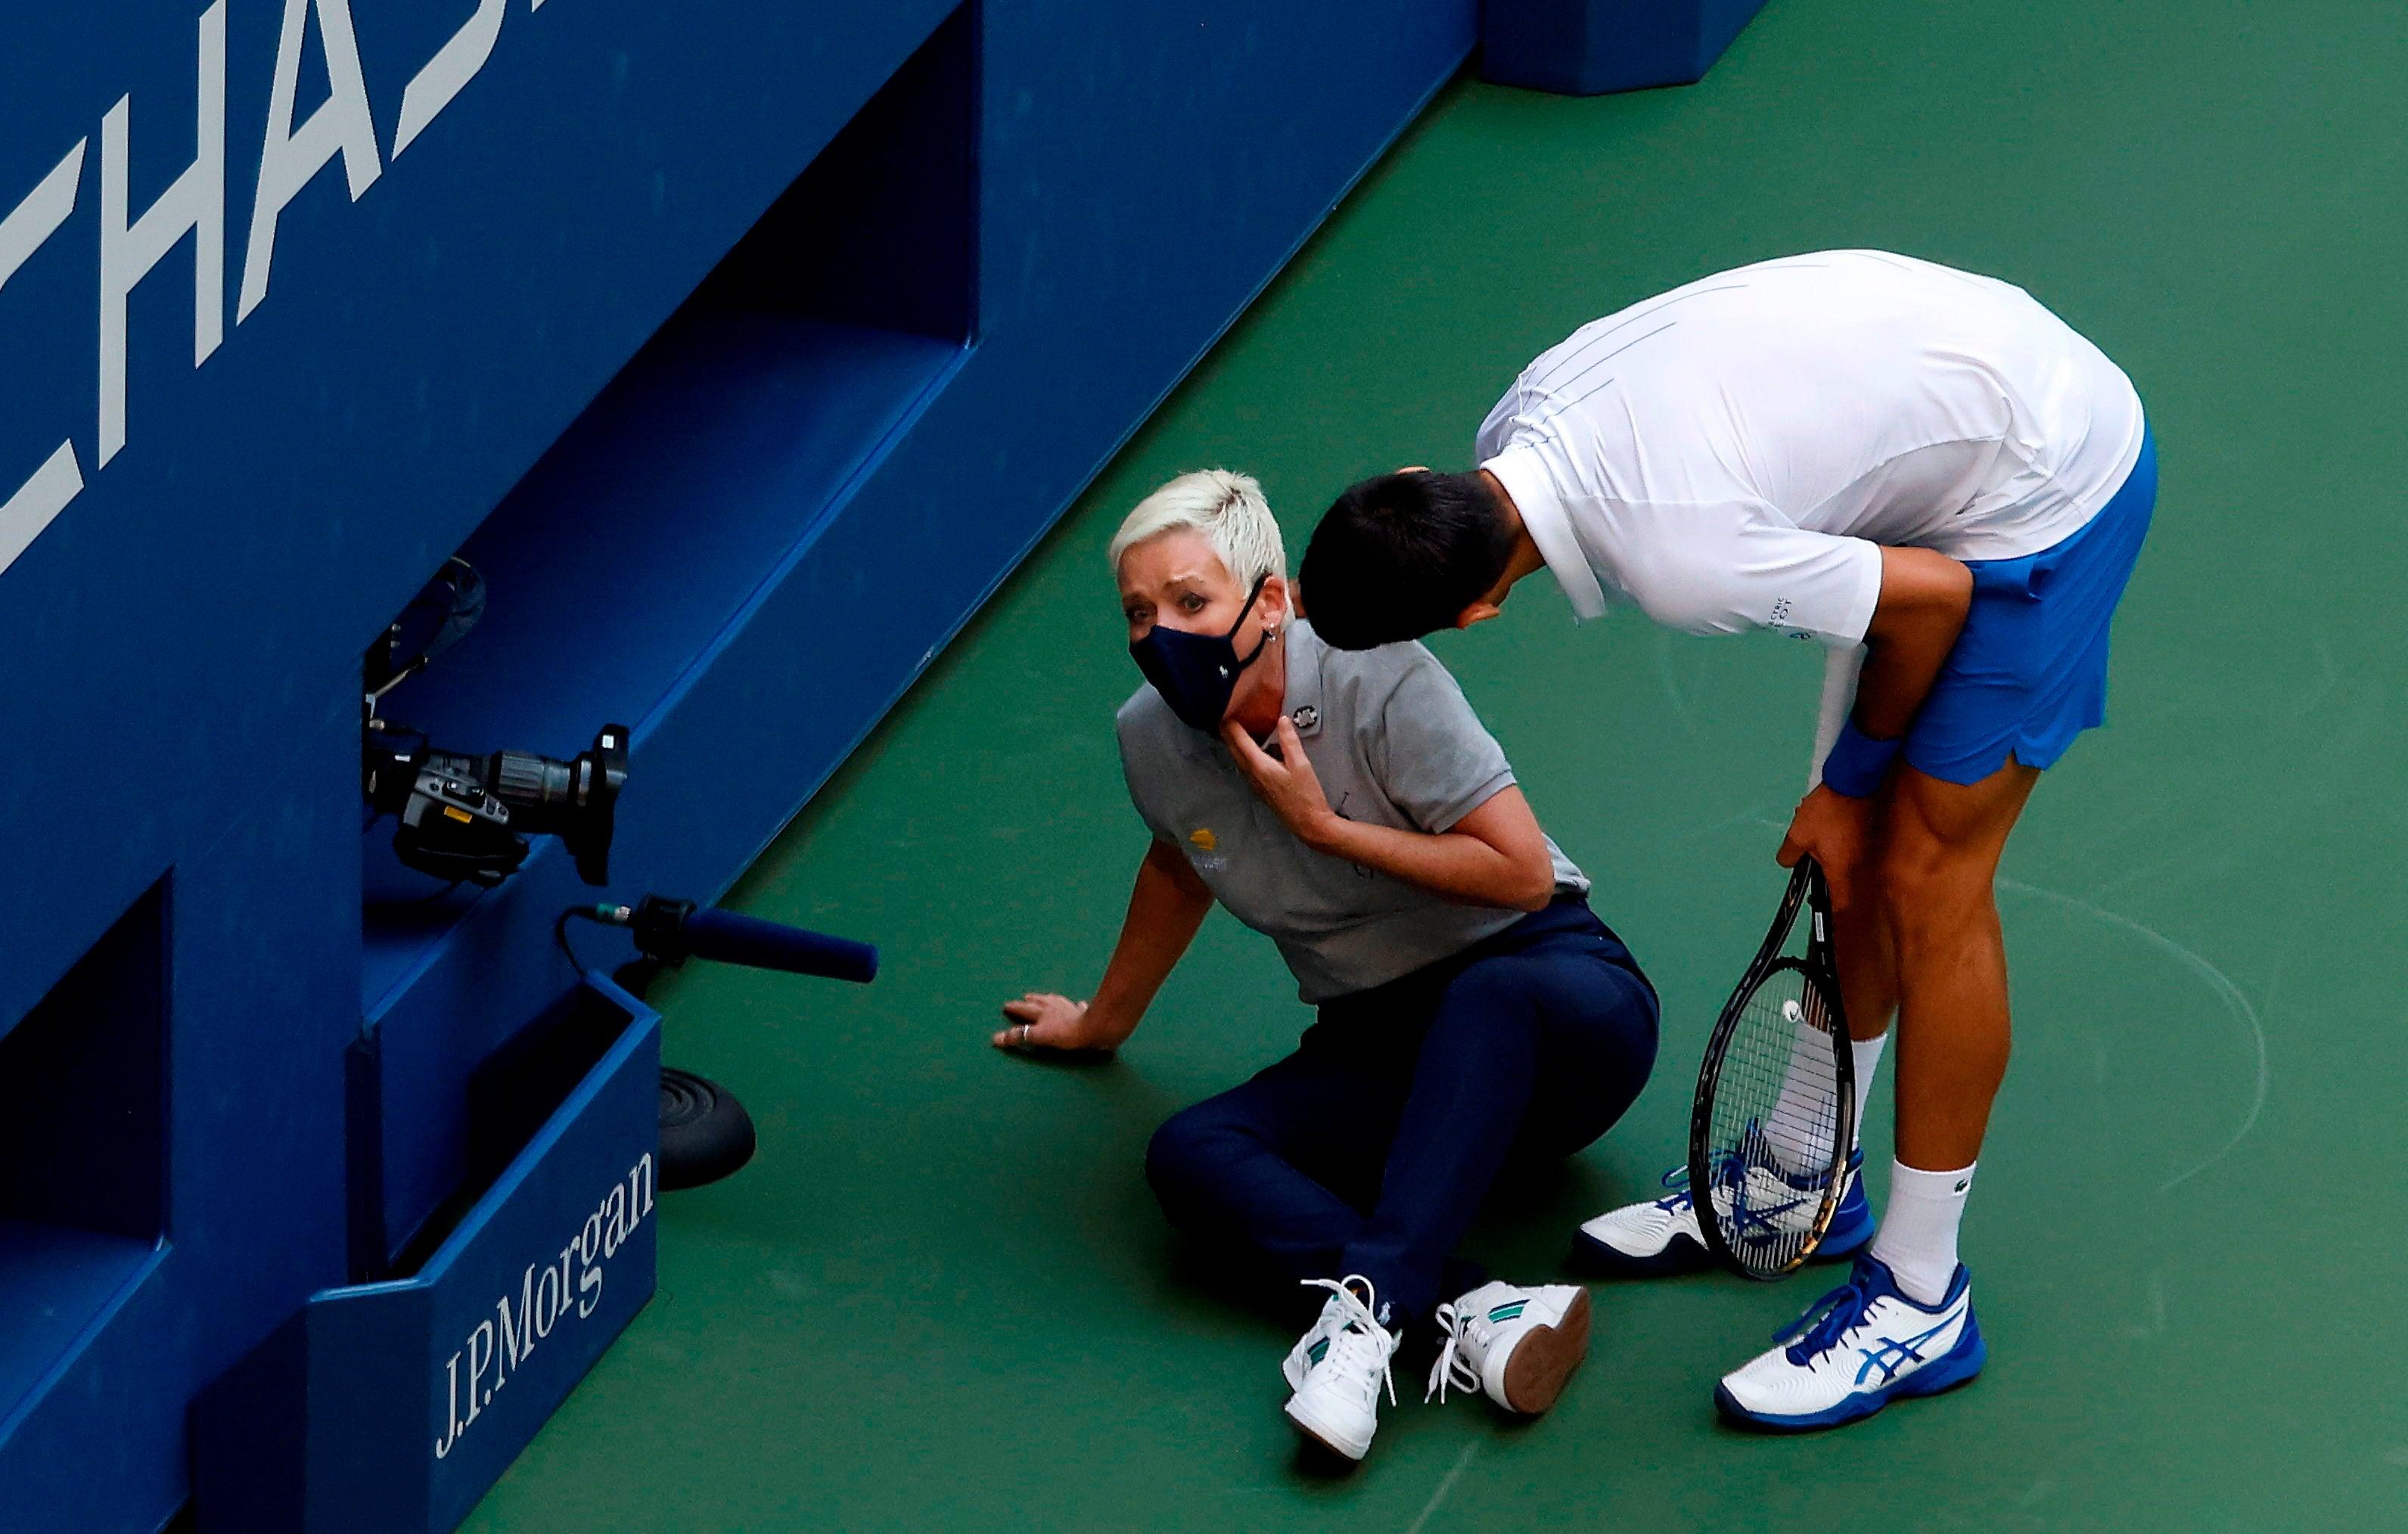 Novak Djokovic Pide A Sus Fans Que Dejen De Acosar A La Juez De Linea No Hizo Nada Malo Os Pido Que La Apoyeis